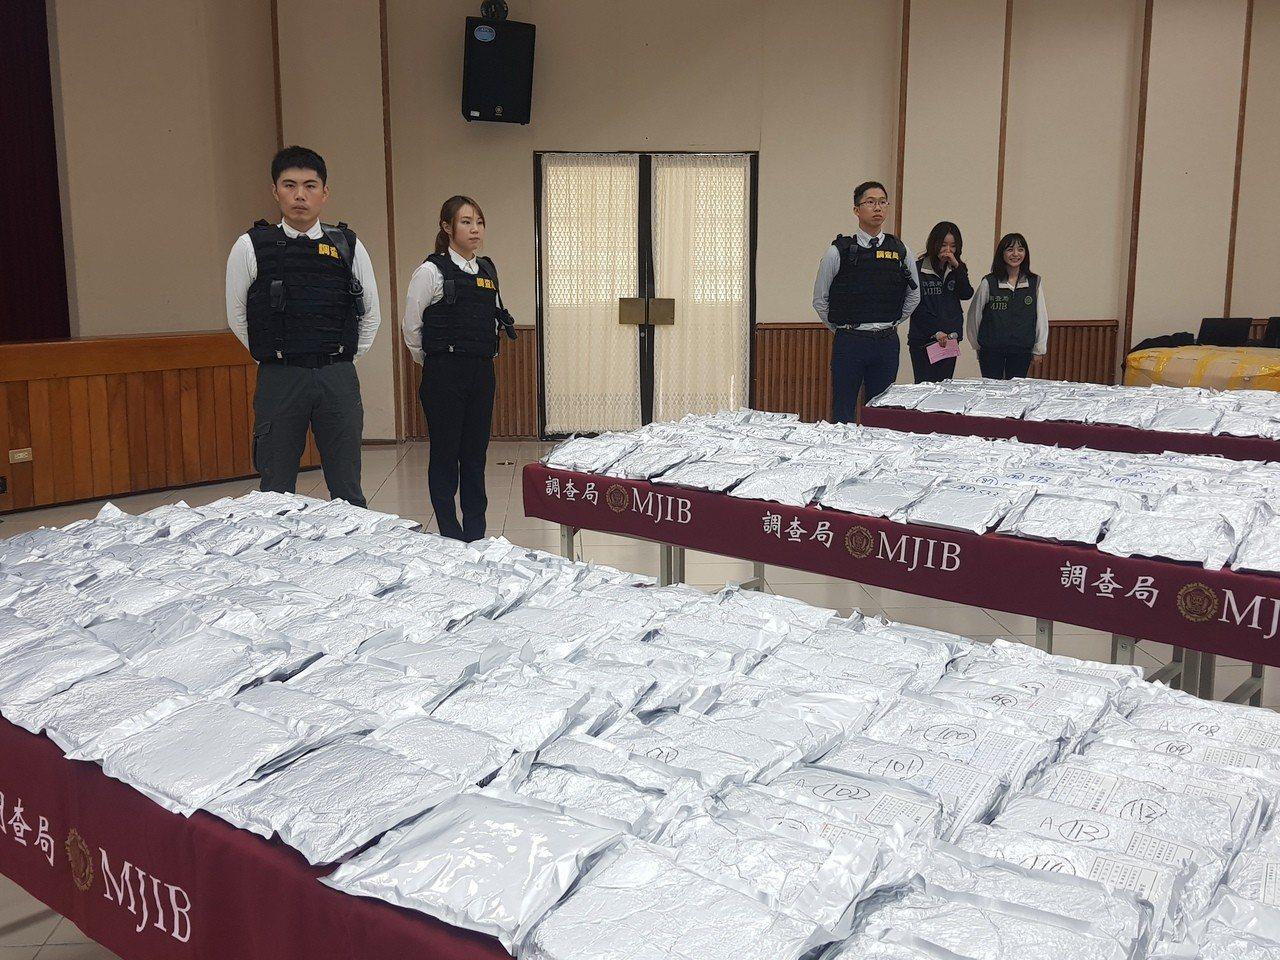 調查局台北市調查處偵破600公斤搖頭丸,市價30億元。記者張宏業/攝影